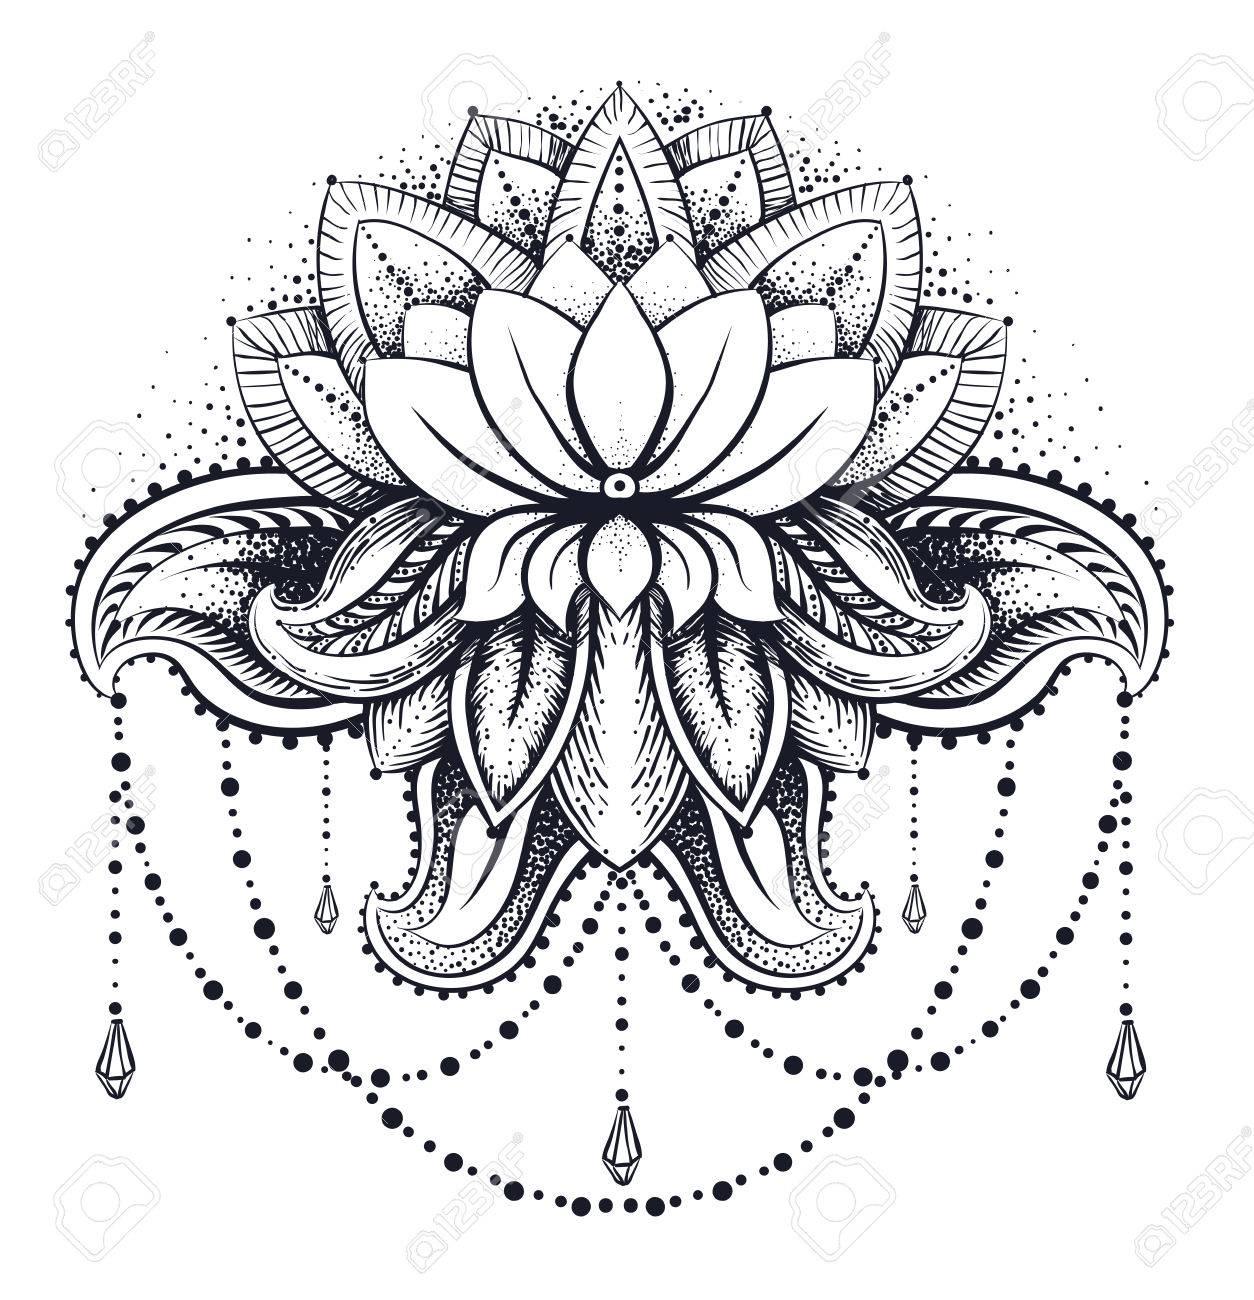 Vector Ornamental Lotus étnica Tatuaje De Henna Zentangled Paisley India Con Dibujos De Las Páginas Para Adultos Anti Estrés Colorear Dibujado A